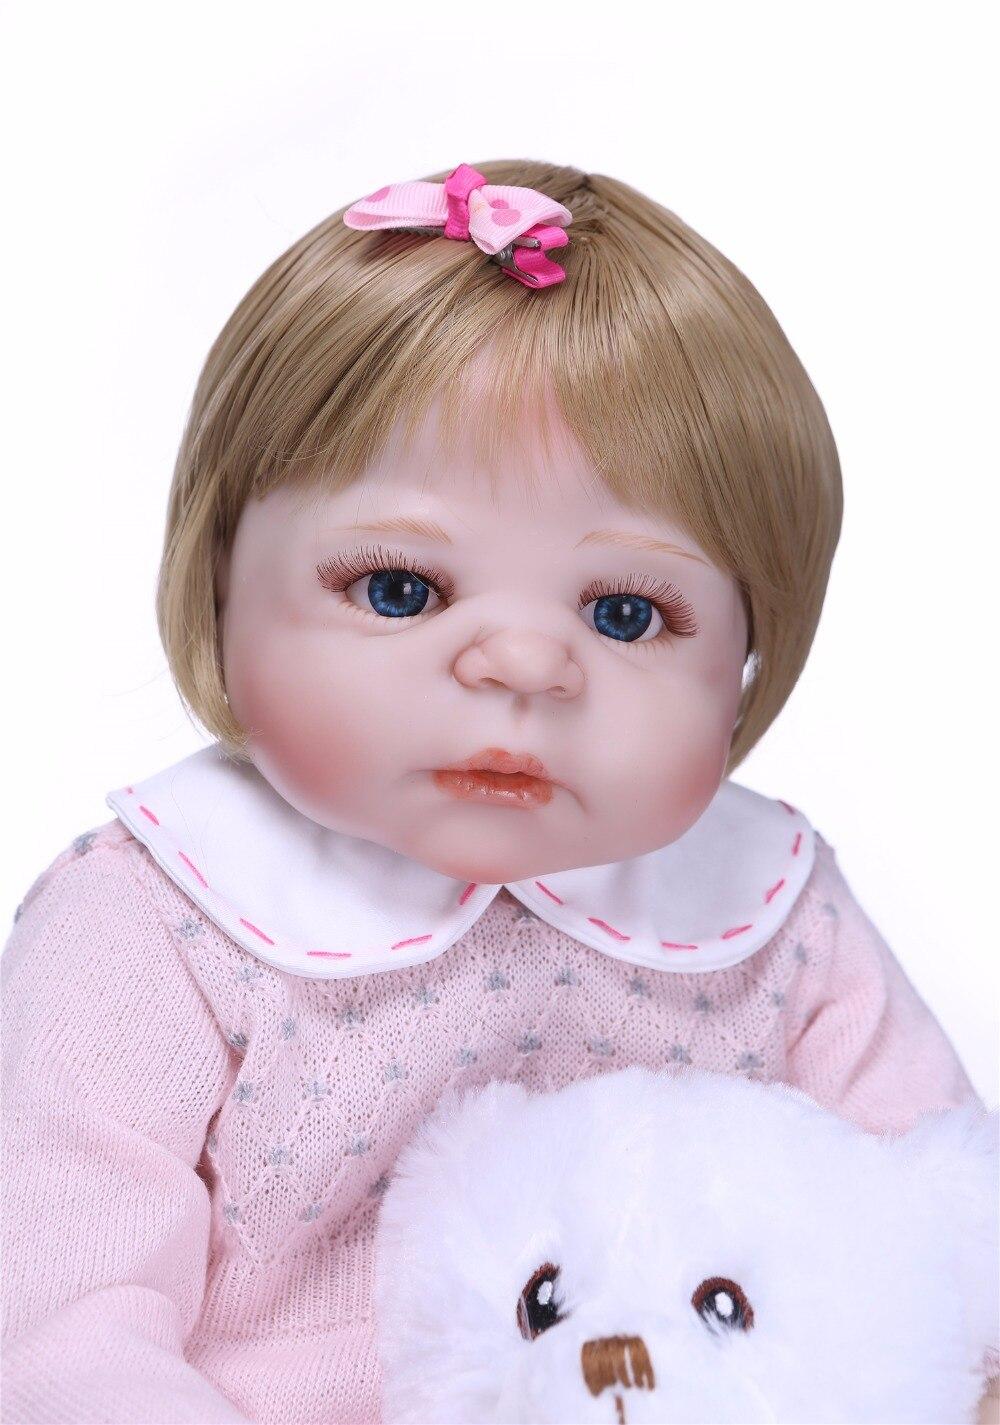 NPK 55 cm Newarrival lalki realistyczne pełna silikon Reborn Baby doll na sprzedaż realistyczne Bebe żywe lalki dla dzieci Playmate Xmas prezenty w Lalki od Zabawki i hobby na  Grupa 3